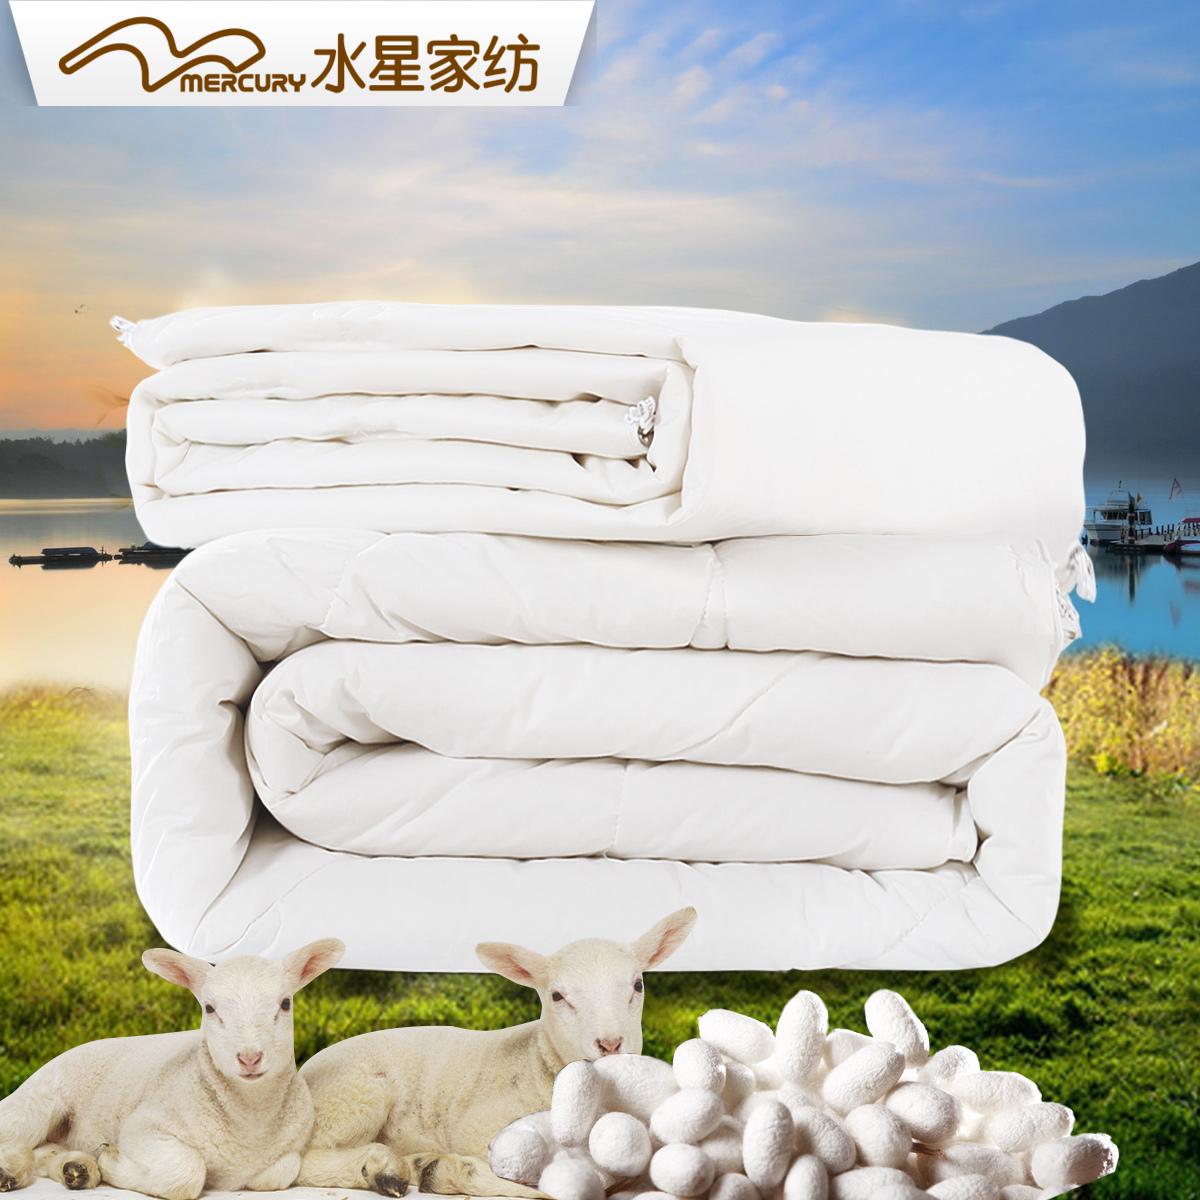 水星家纺 蚕丝羊毛二合一被秋冬子母被芯单双人全棉冬被加厚保暖